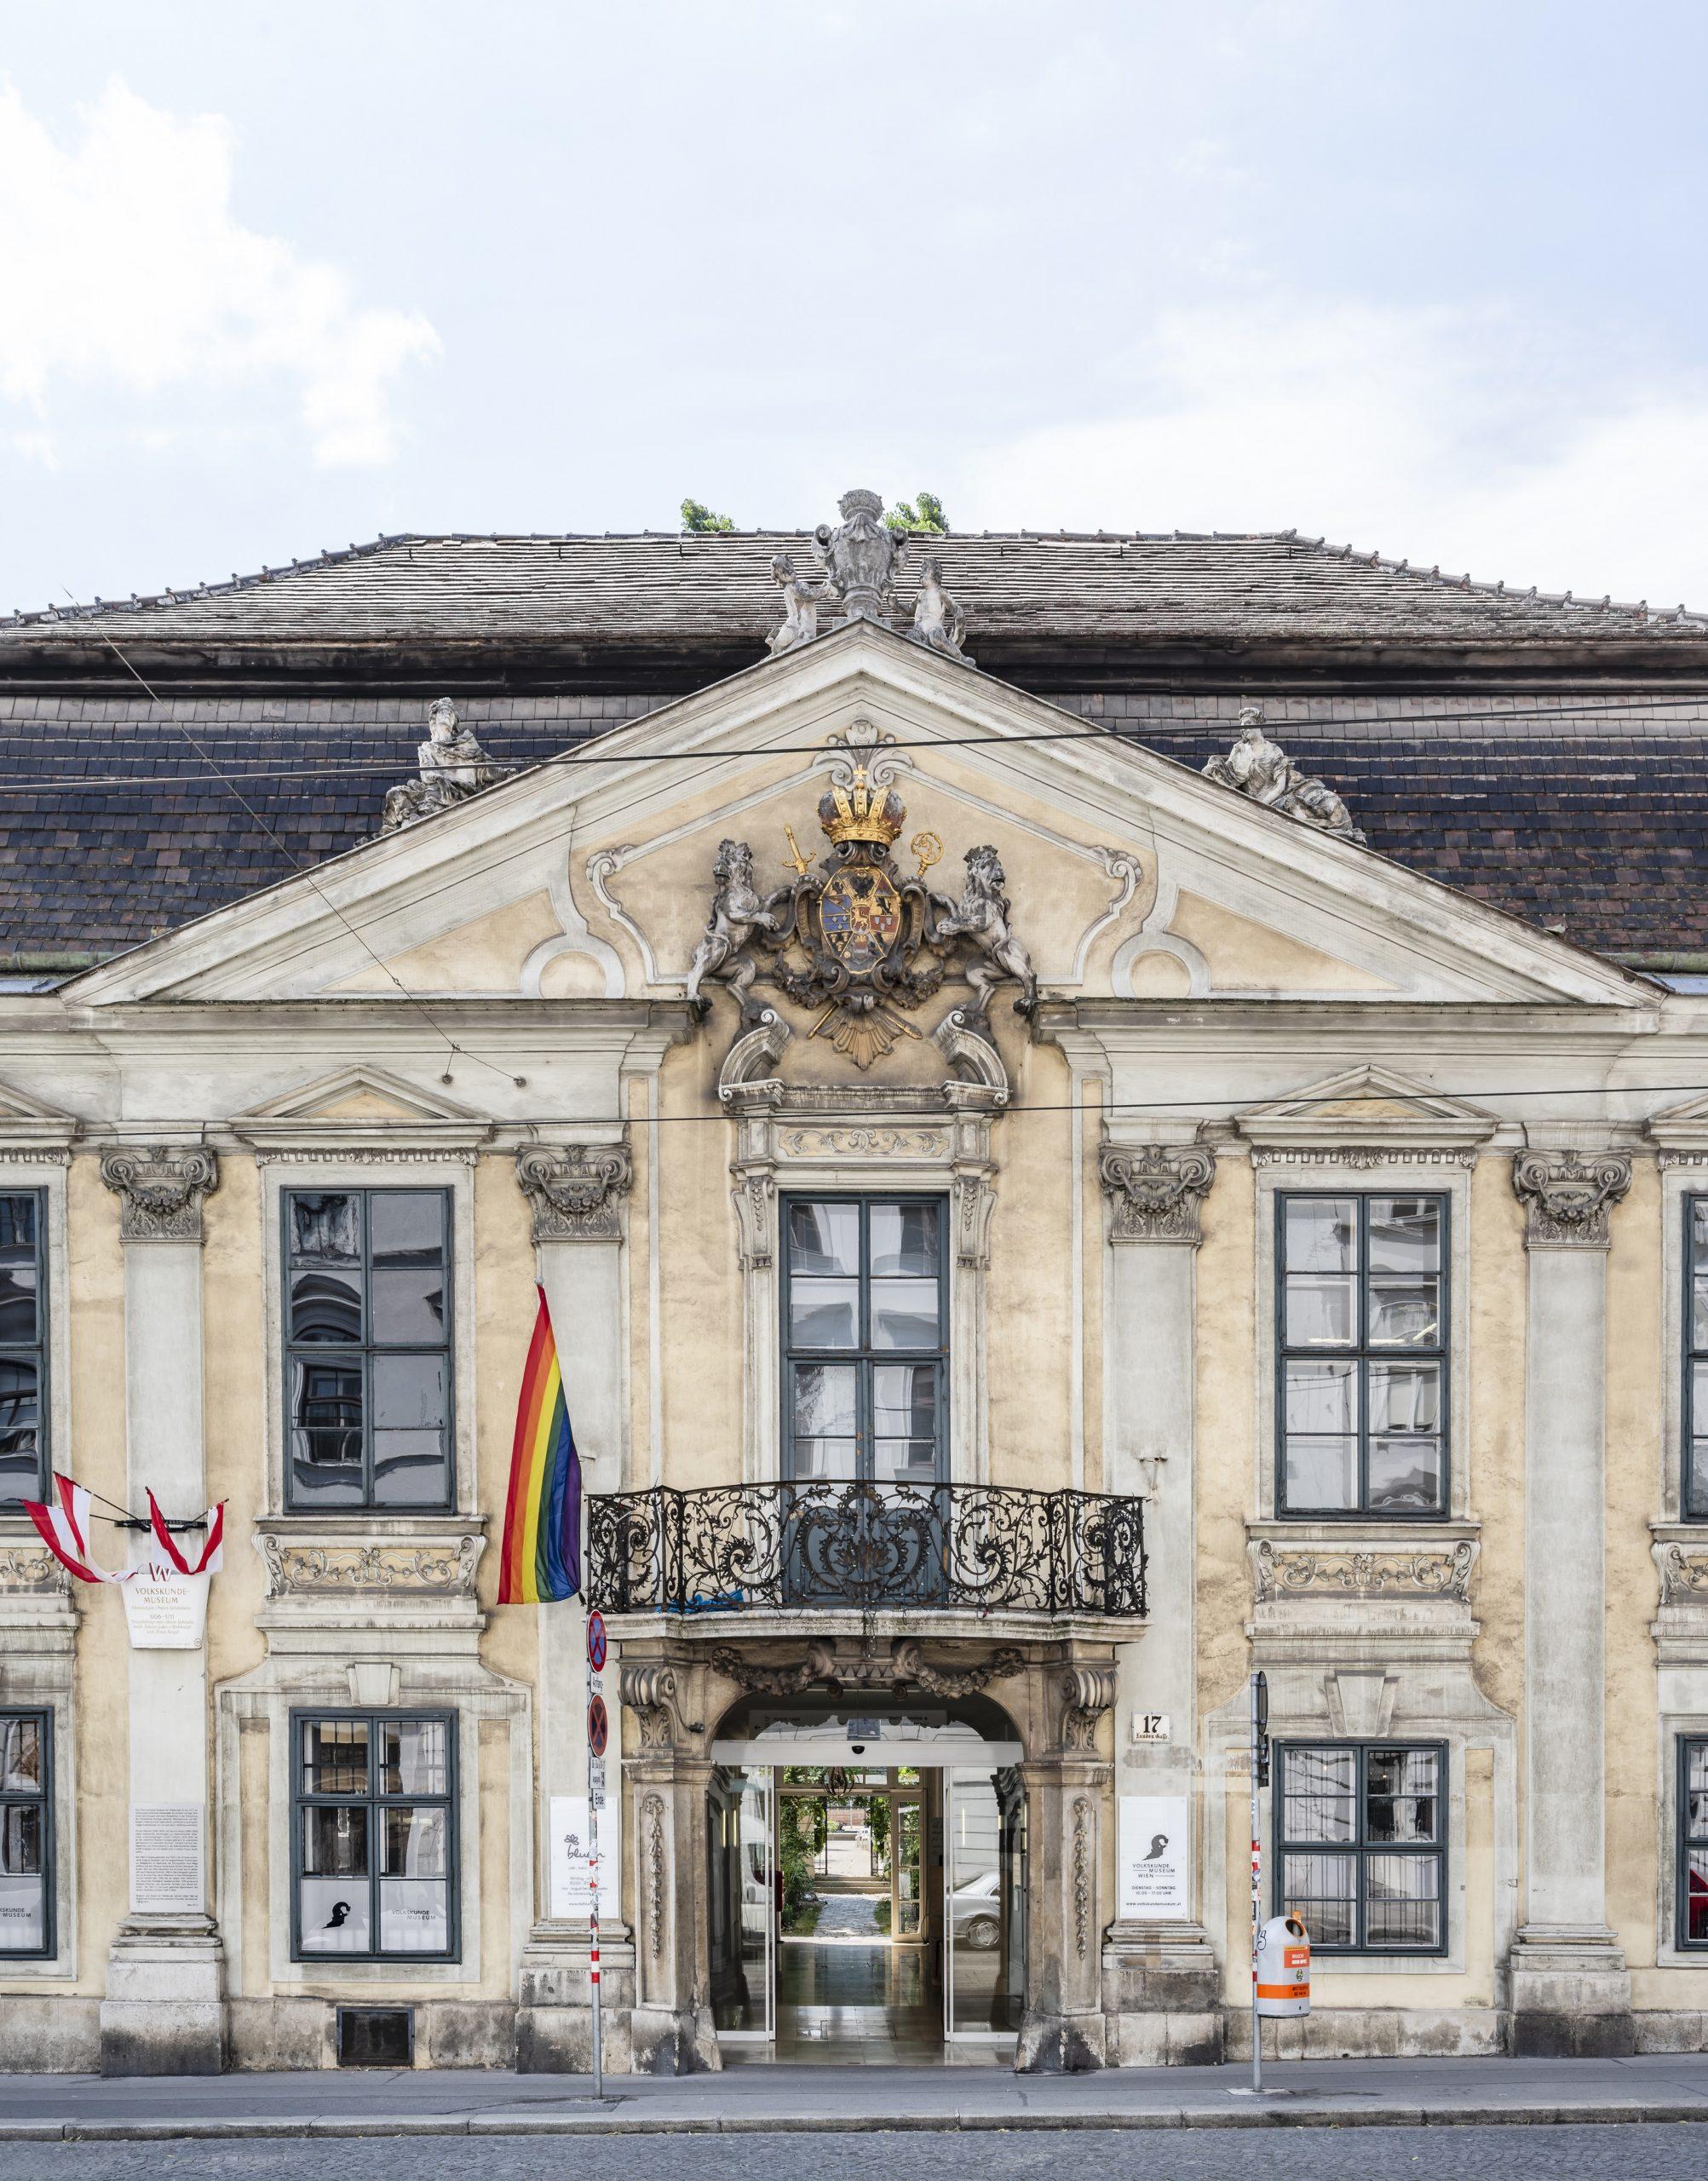 Foto vom Haupteingang des Volkskundemuseum Wien mit öffentlichem Durchgang und Regenbogenfahne.